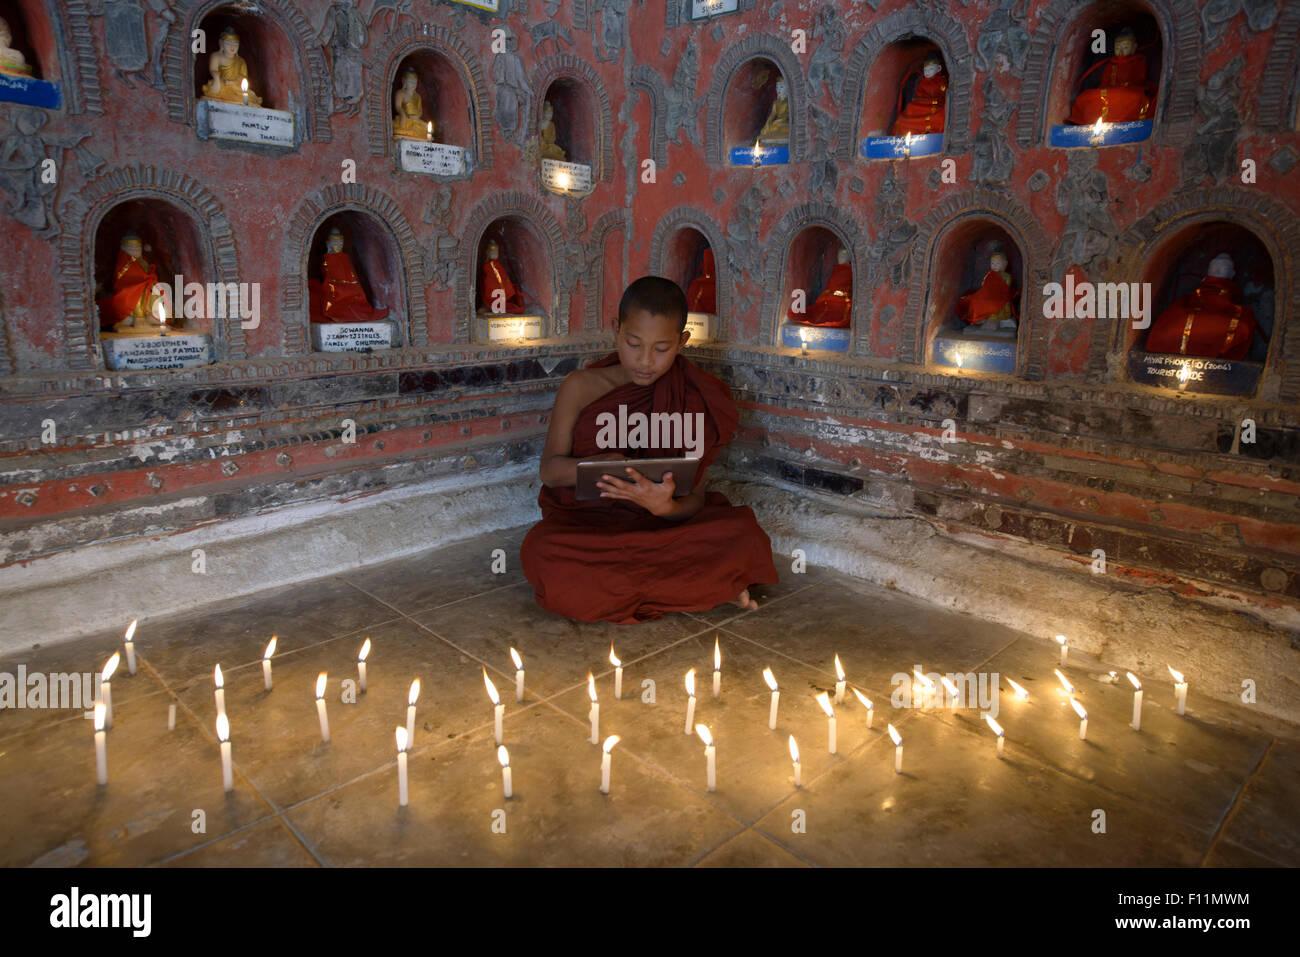 Los monjes de Asia-en-entrenamiento usando tableta digital en antiguo templo Imagen De Stock